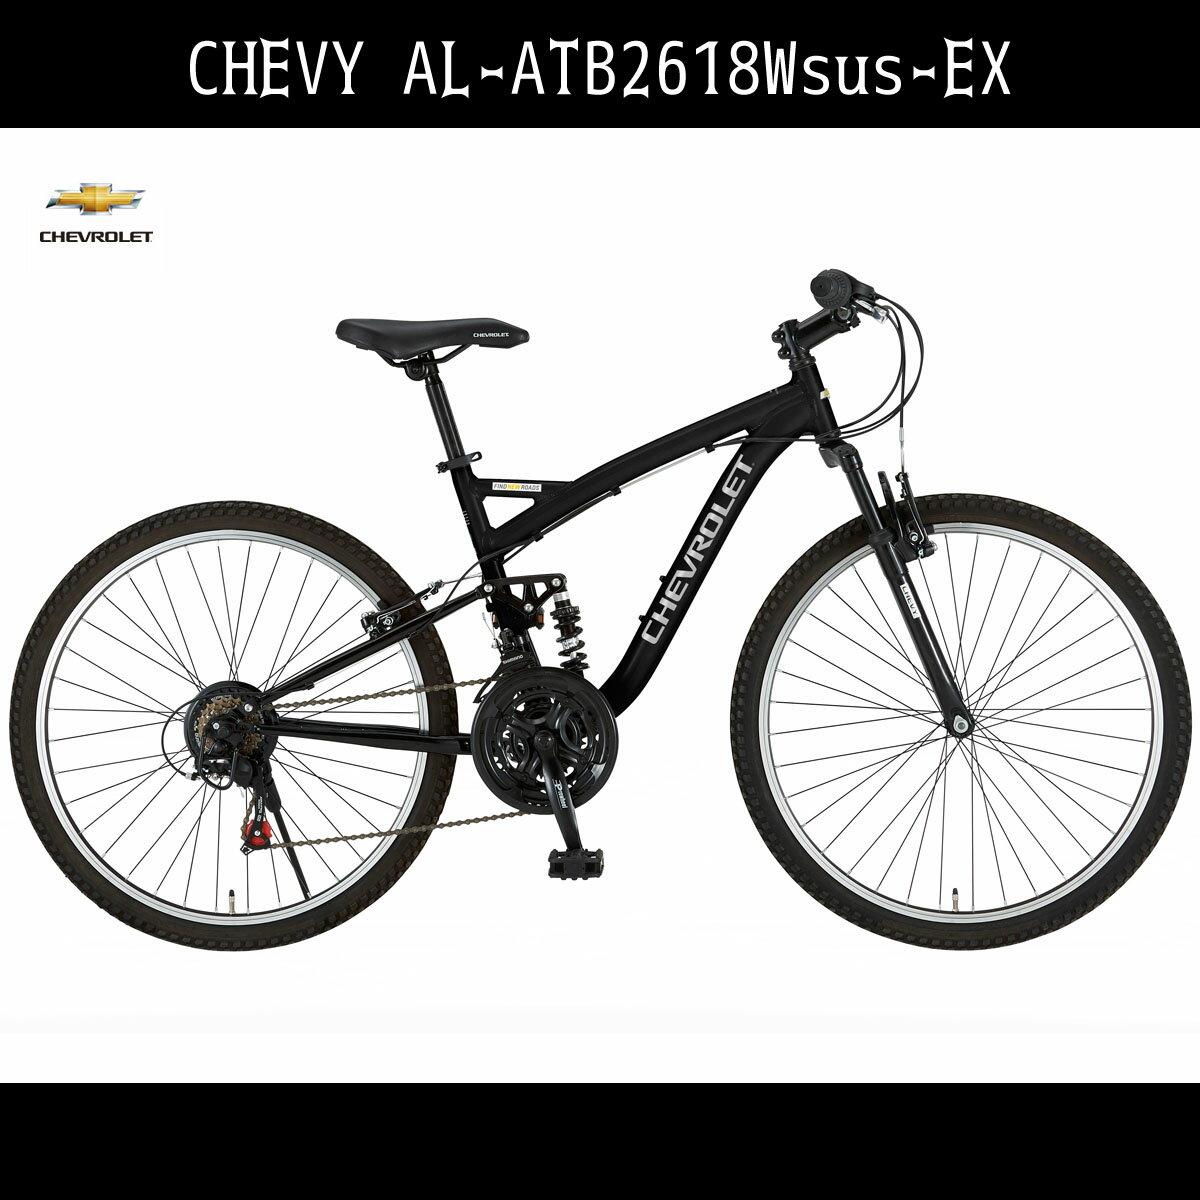 【1/25 10時〜エントリでポイント最大17倍】【送料無料 シボレー マウンテンバイク 自転車】 ブラック/黒色【26インチ 外装18段変速ギア アルミ】CHEVROLET CHEVY(シェビー)自転車 シボレー AL-ATB2618EX アルミニウム